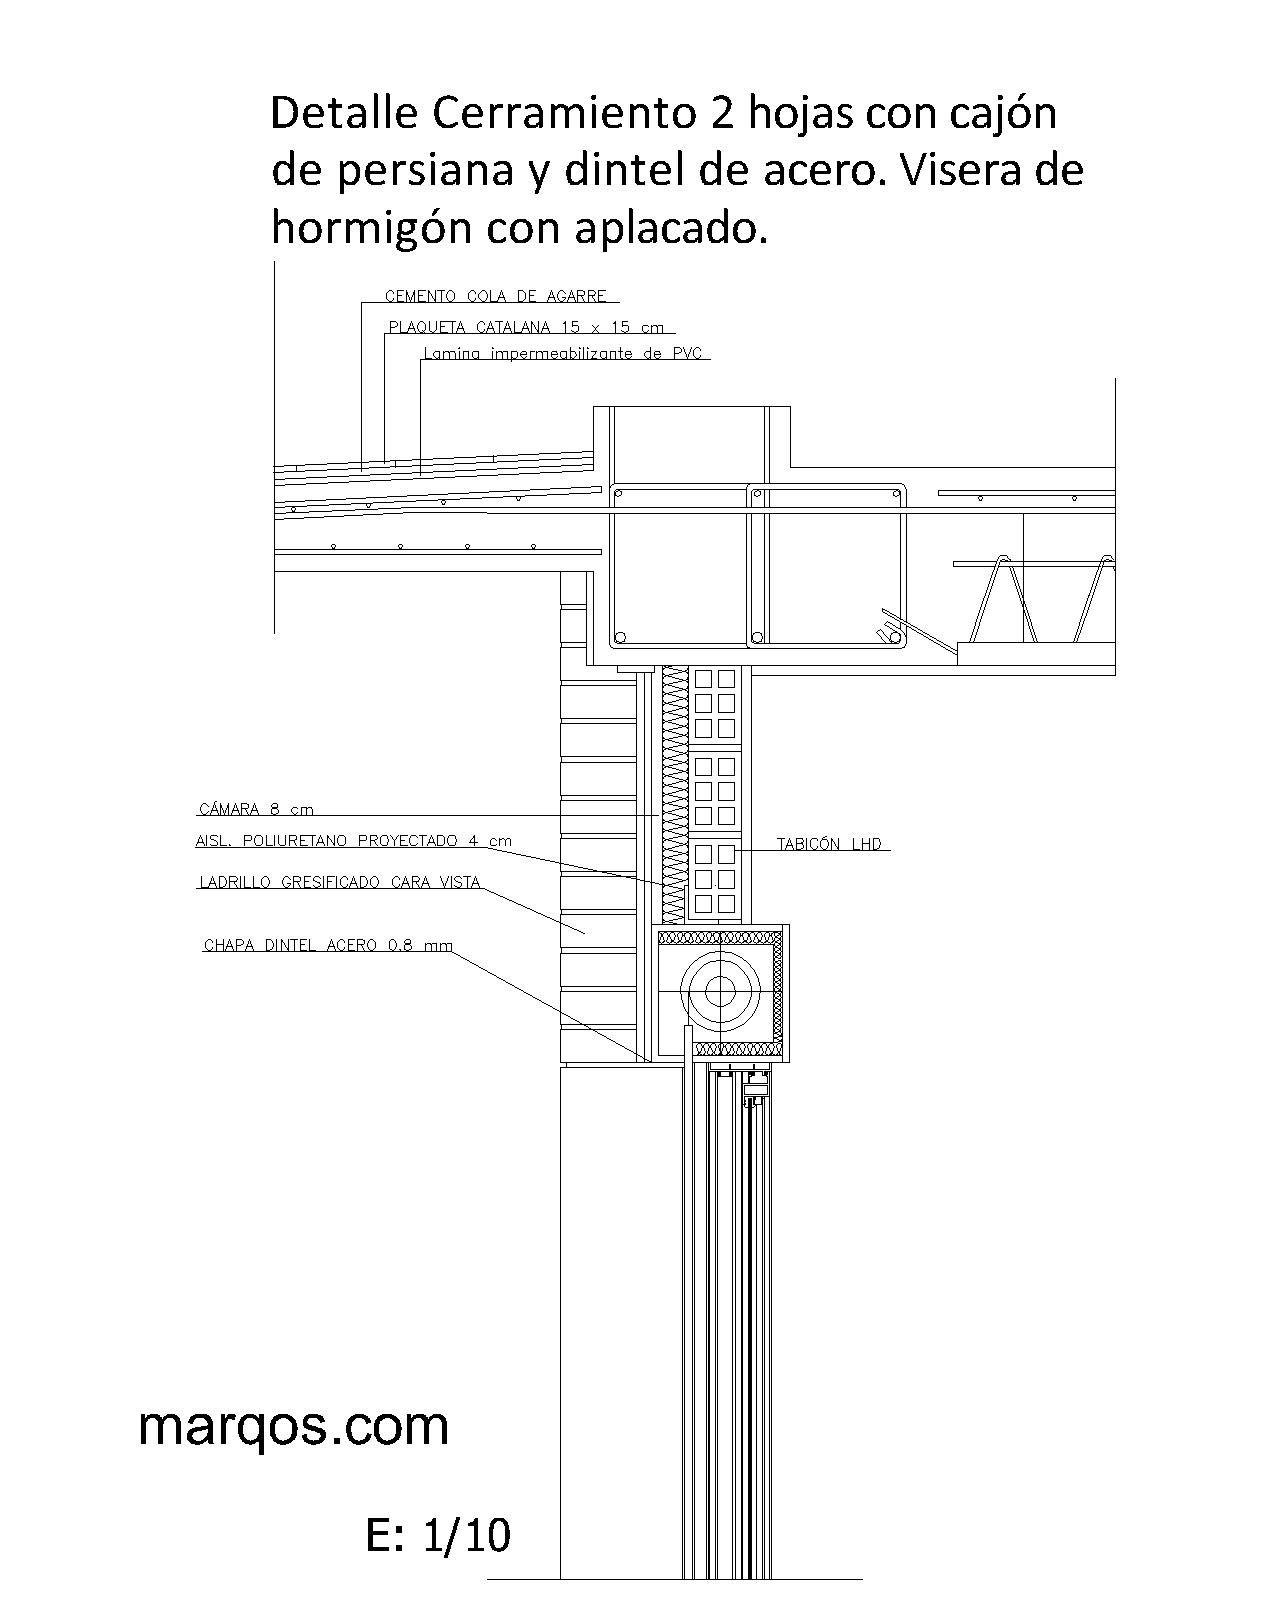 Dwg cerramiento 2 hojas con caj n de persiana y dintel - Vano arquitectura ...